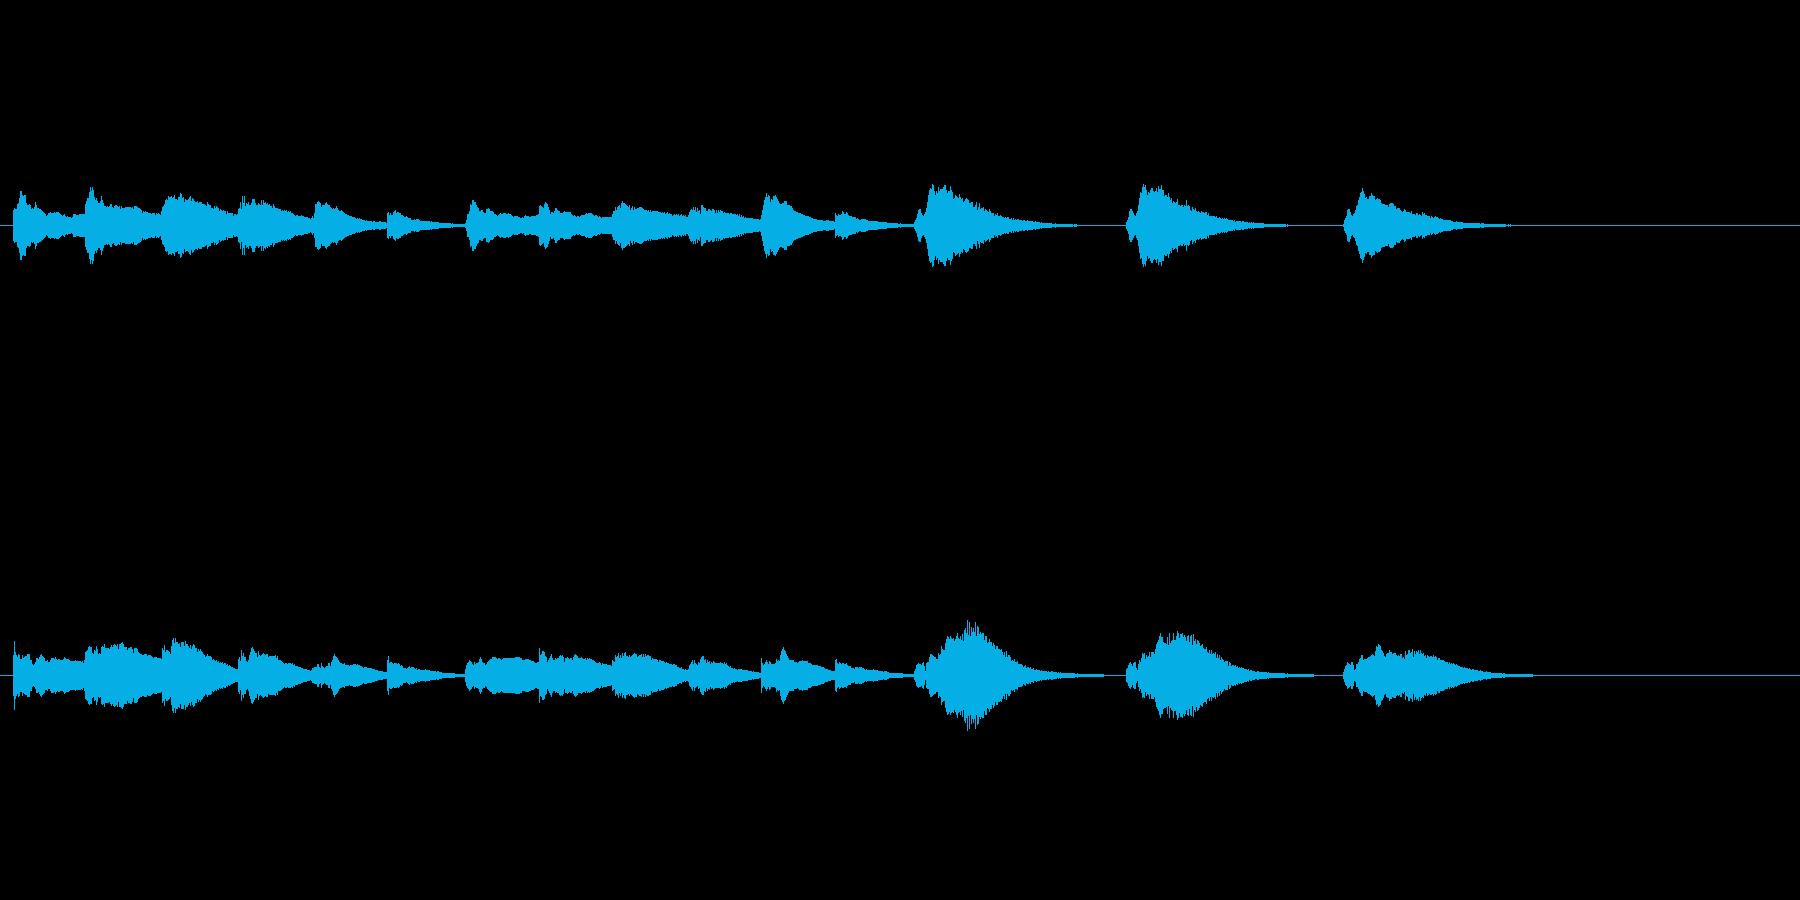 オープニングベル3の再生済みの波形